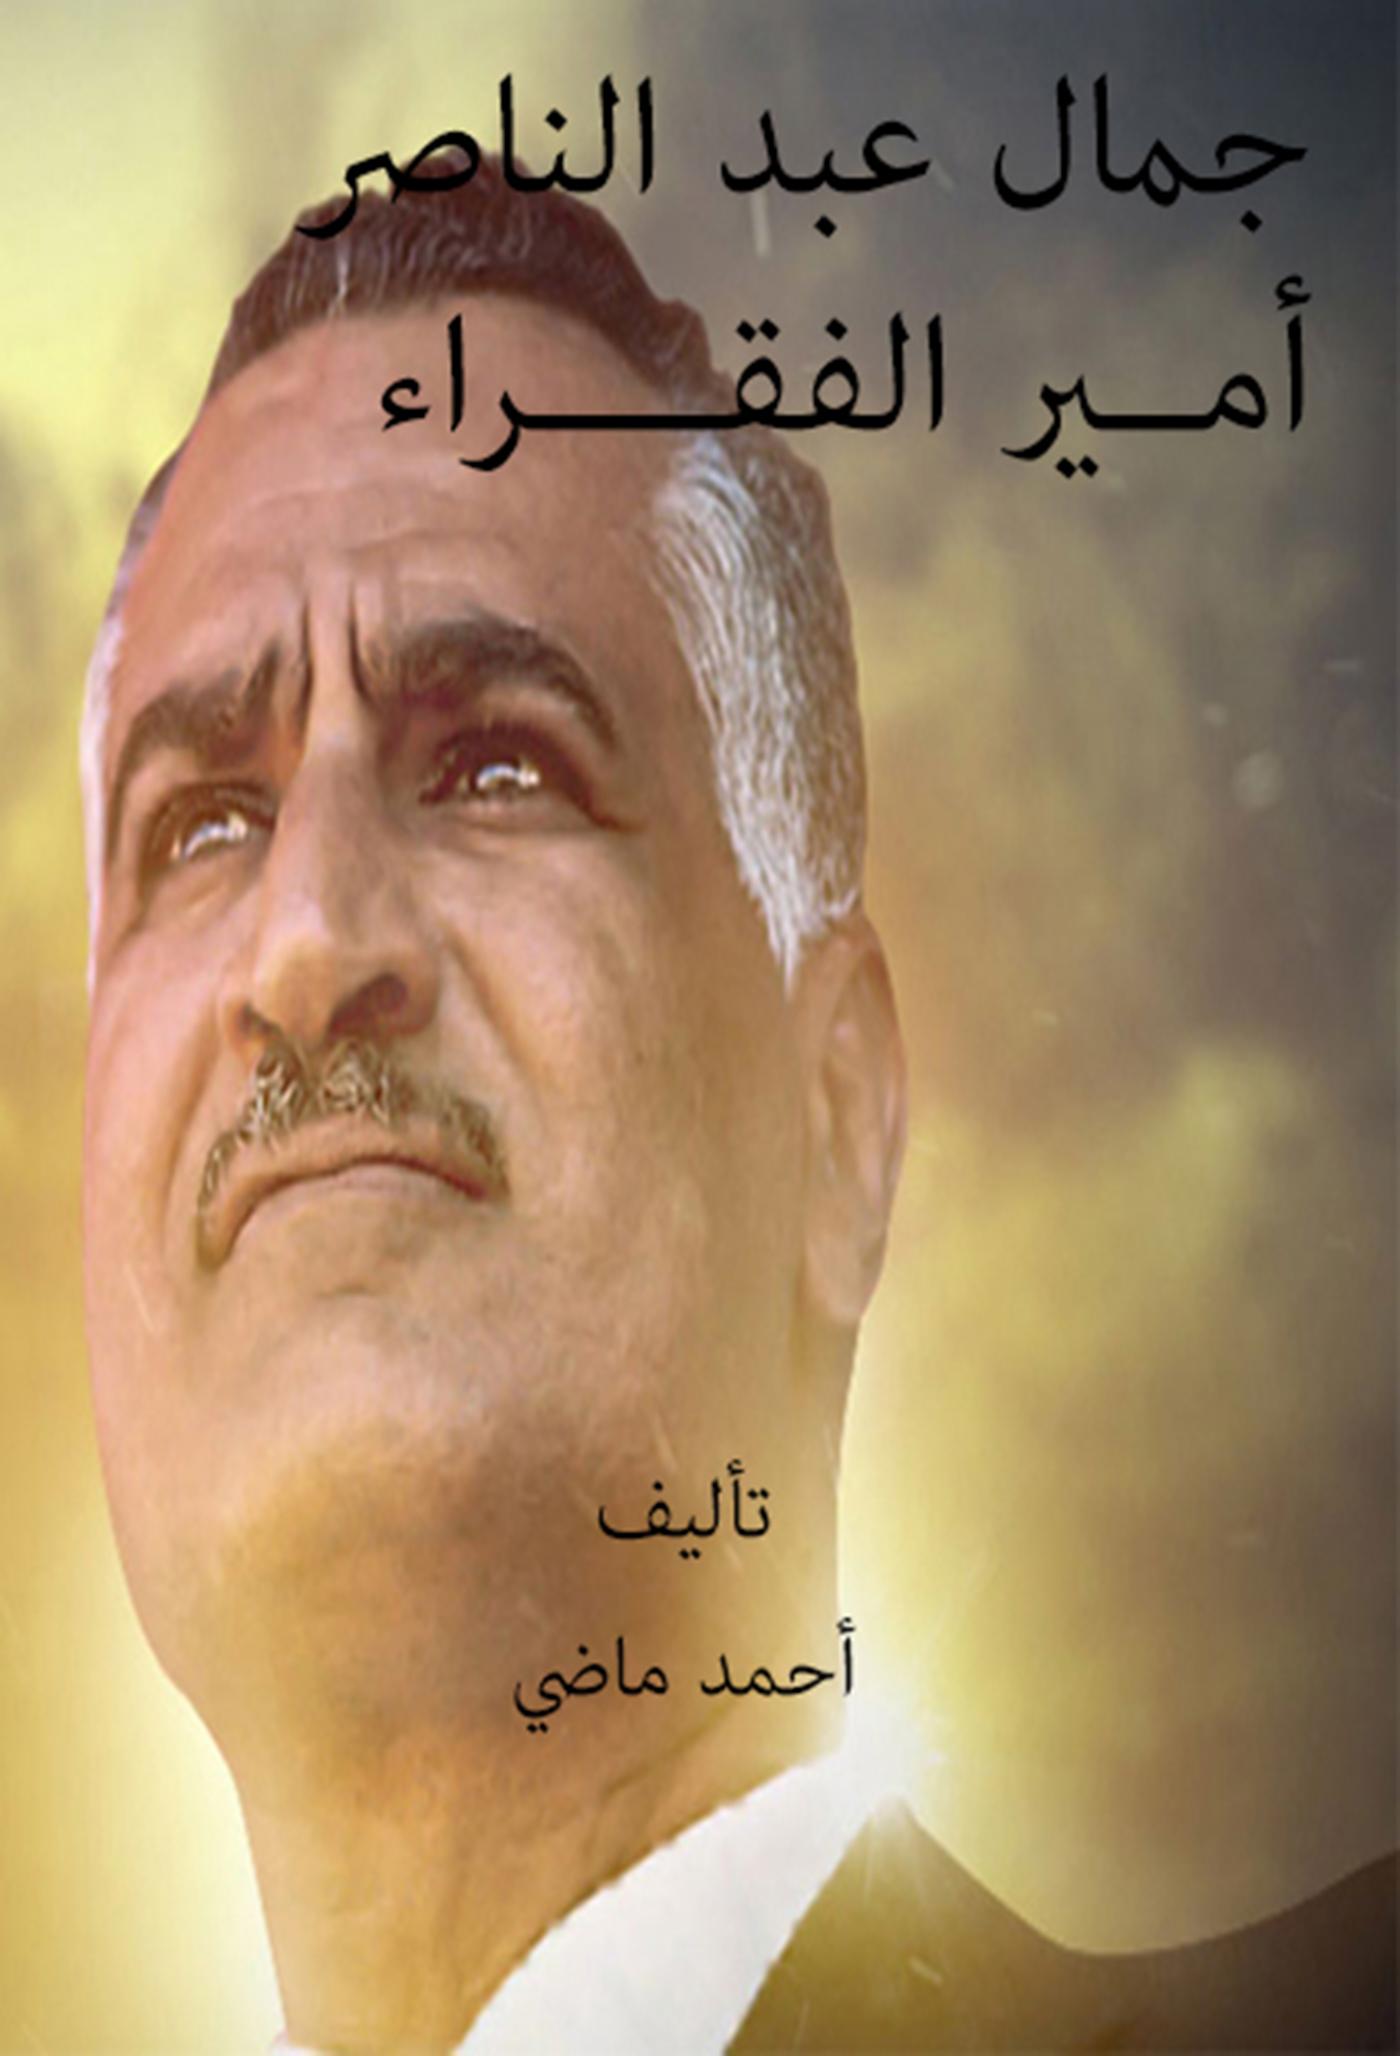 جمال عبد الناصر أمير الفقراء